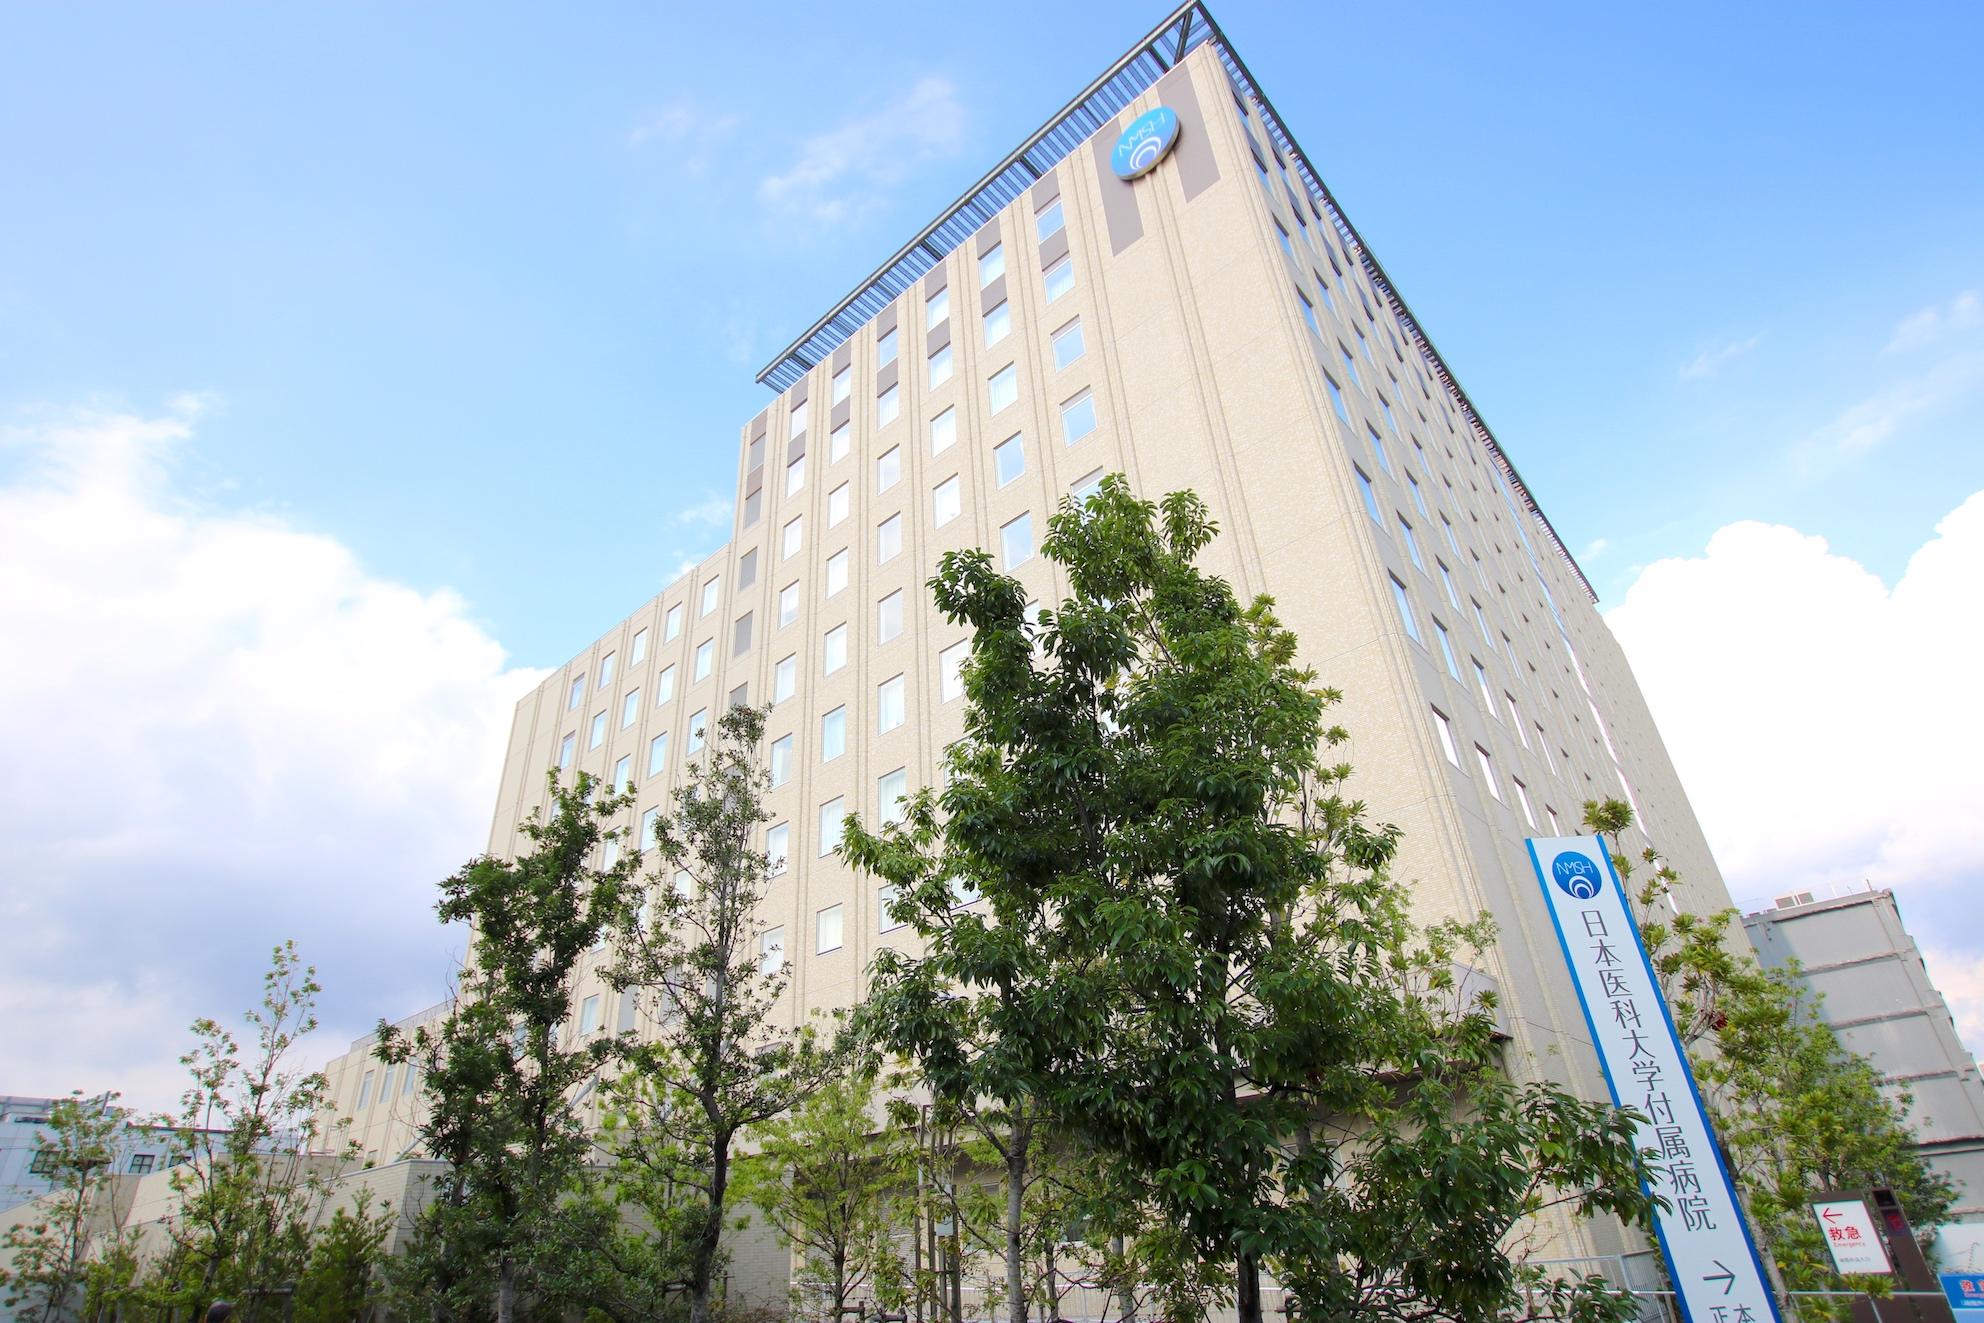 日本医科大学付属病院で患者さんに食事介助を行う仕事